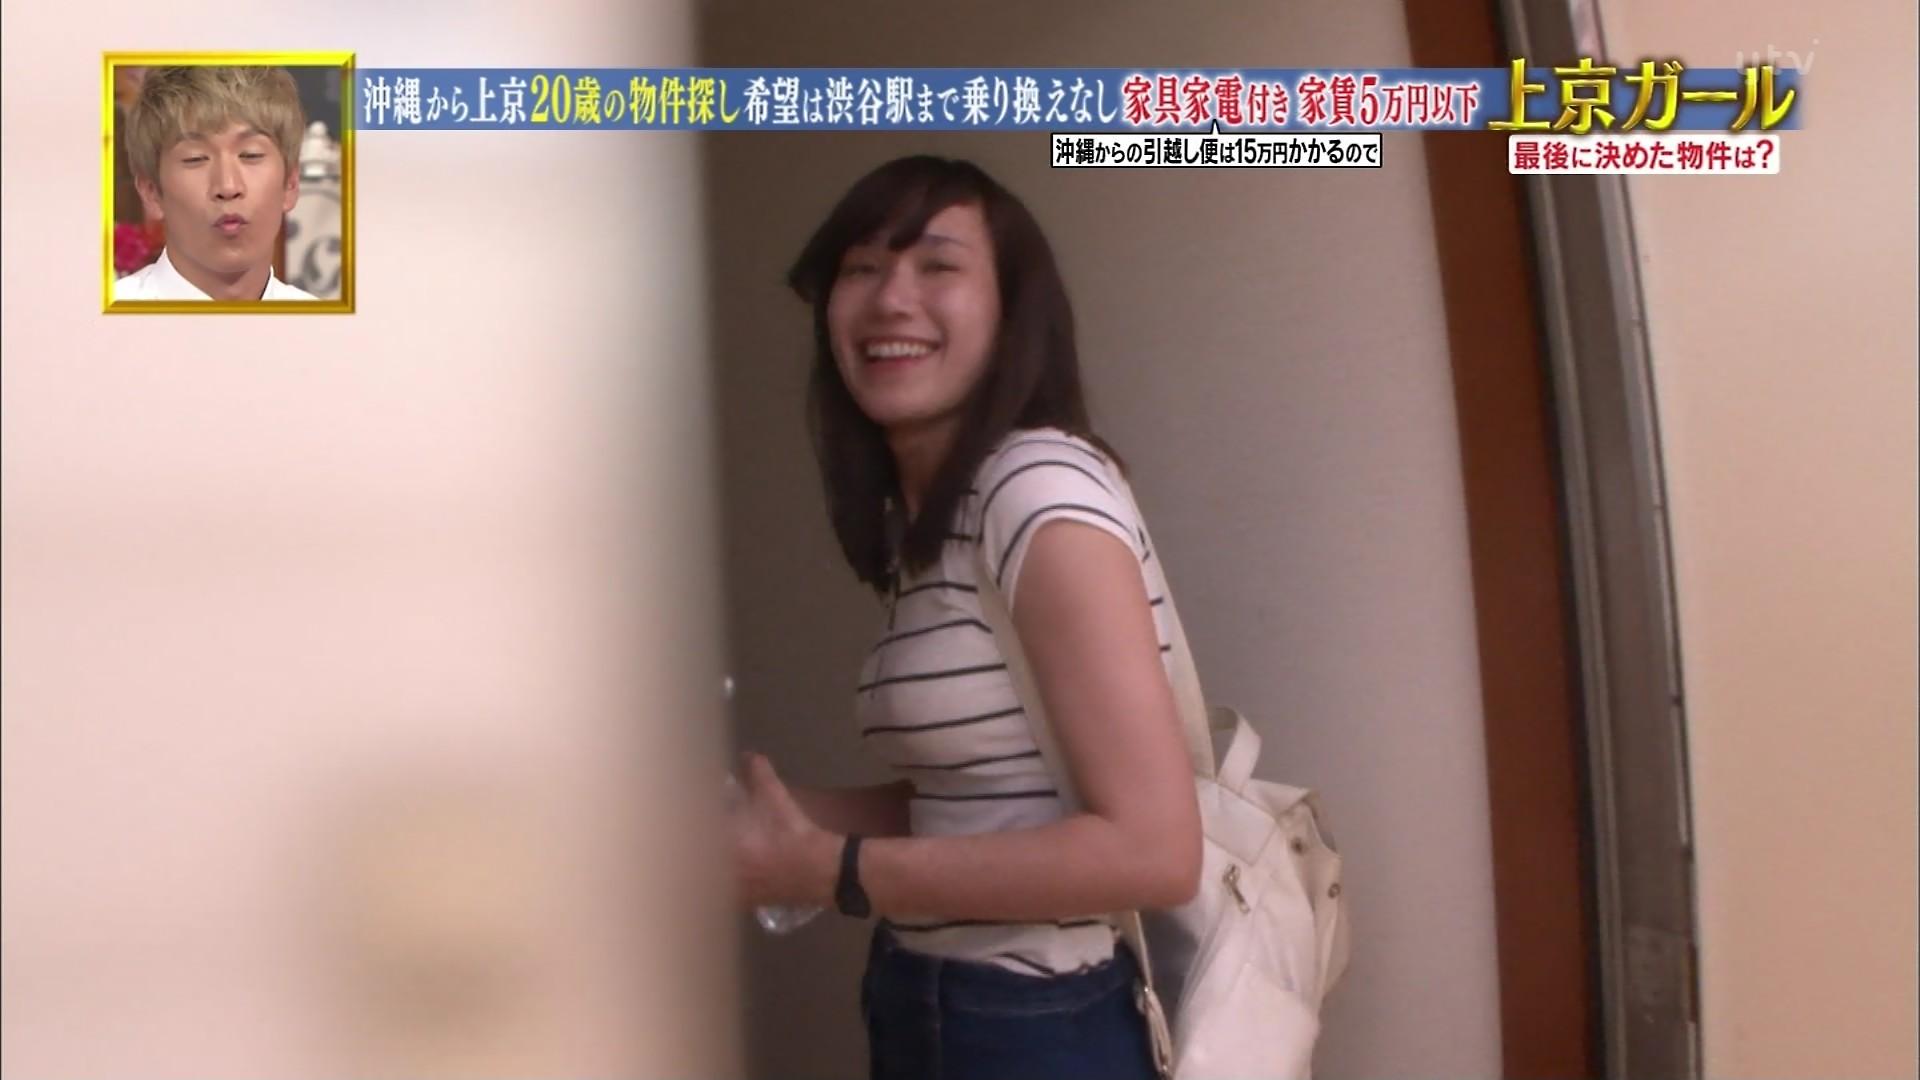 沖縄美女_パンチラ_放送事故_テレビキャプ画像_16